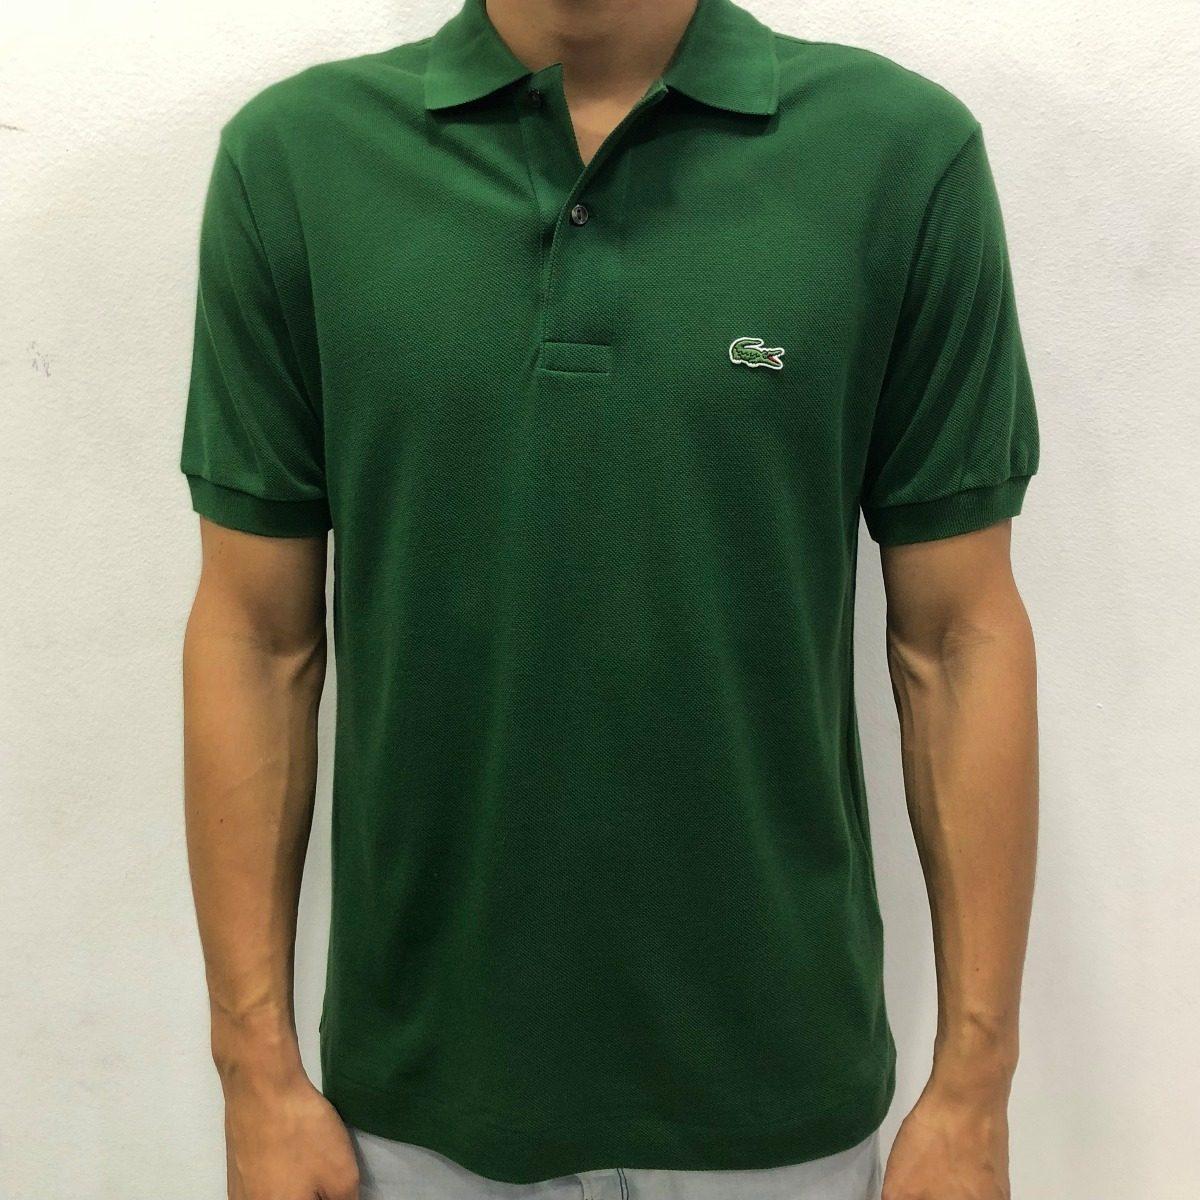 Camisa Polo Lacoste Lisa Verde Cod.040 - R  279,00 em Mercado Livre 6d441bedb8